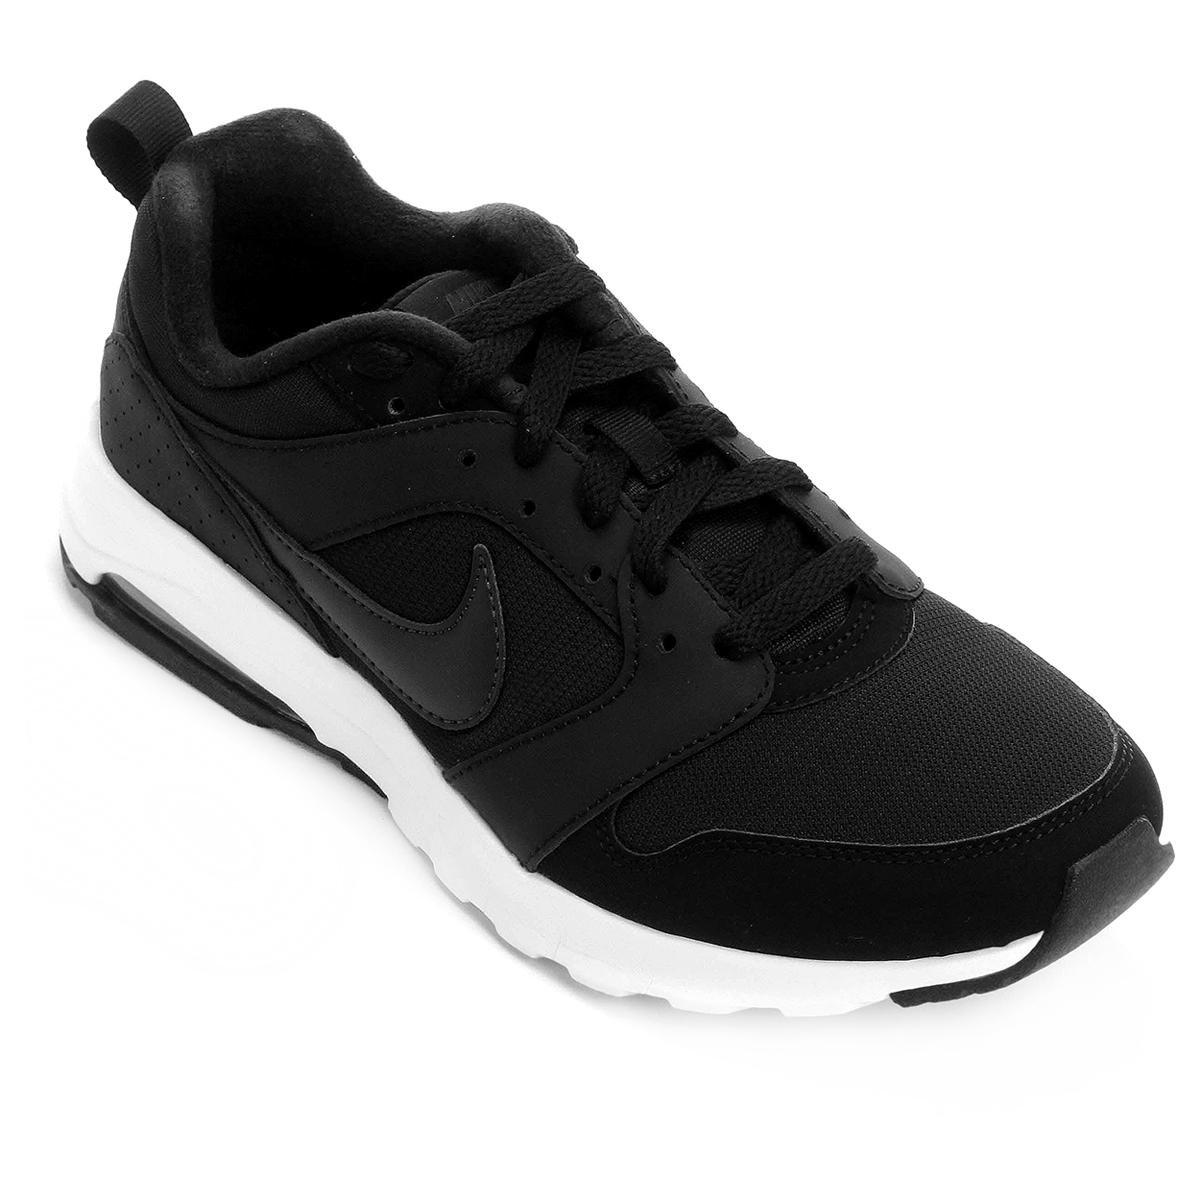 f117d7c1eb Tênis Nike Air Max Motion Masculino - Preto e Branco - Compre Agora ...